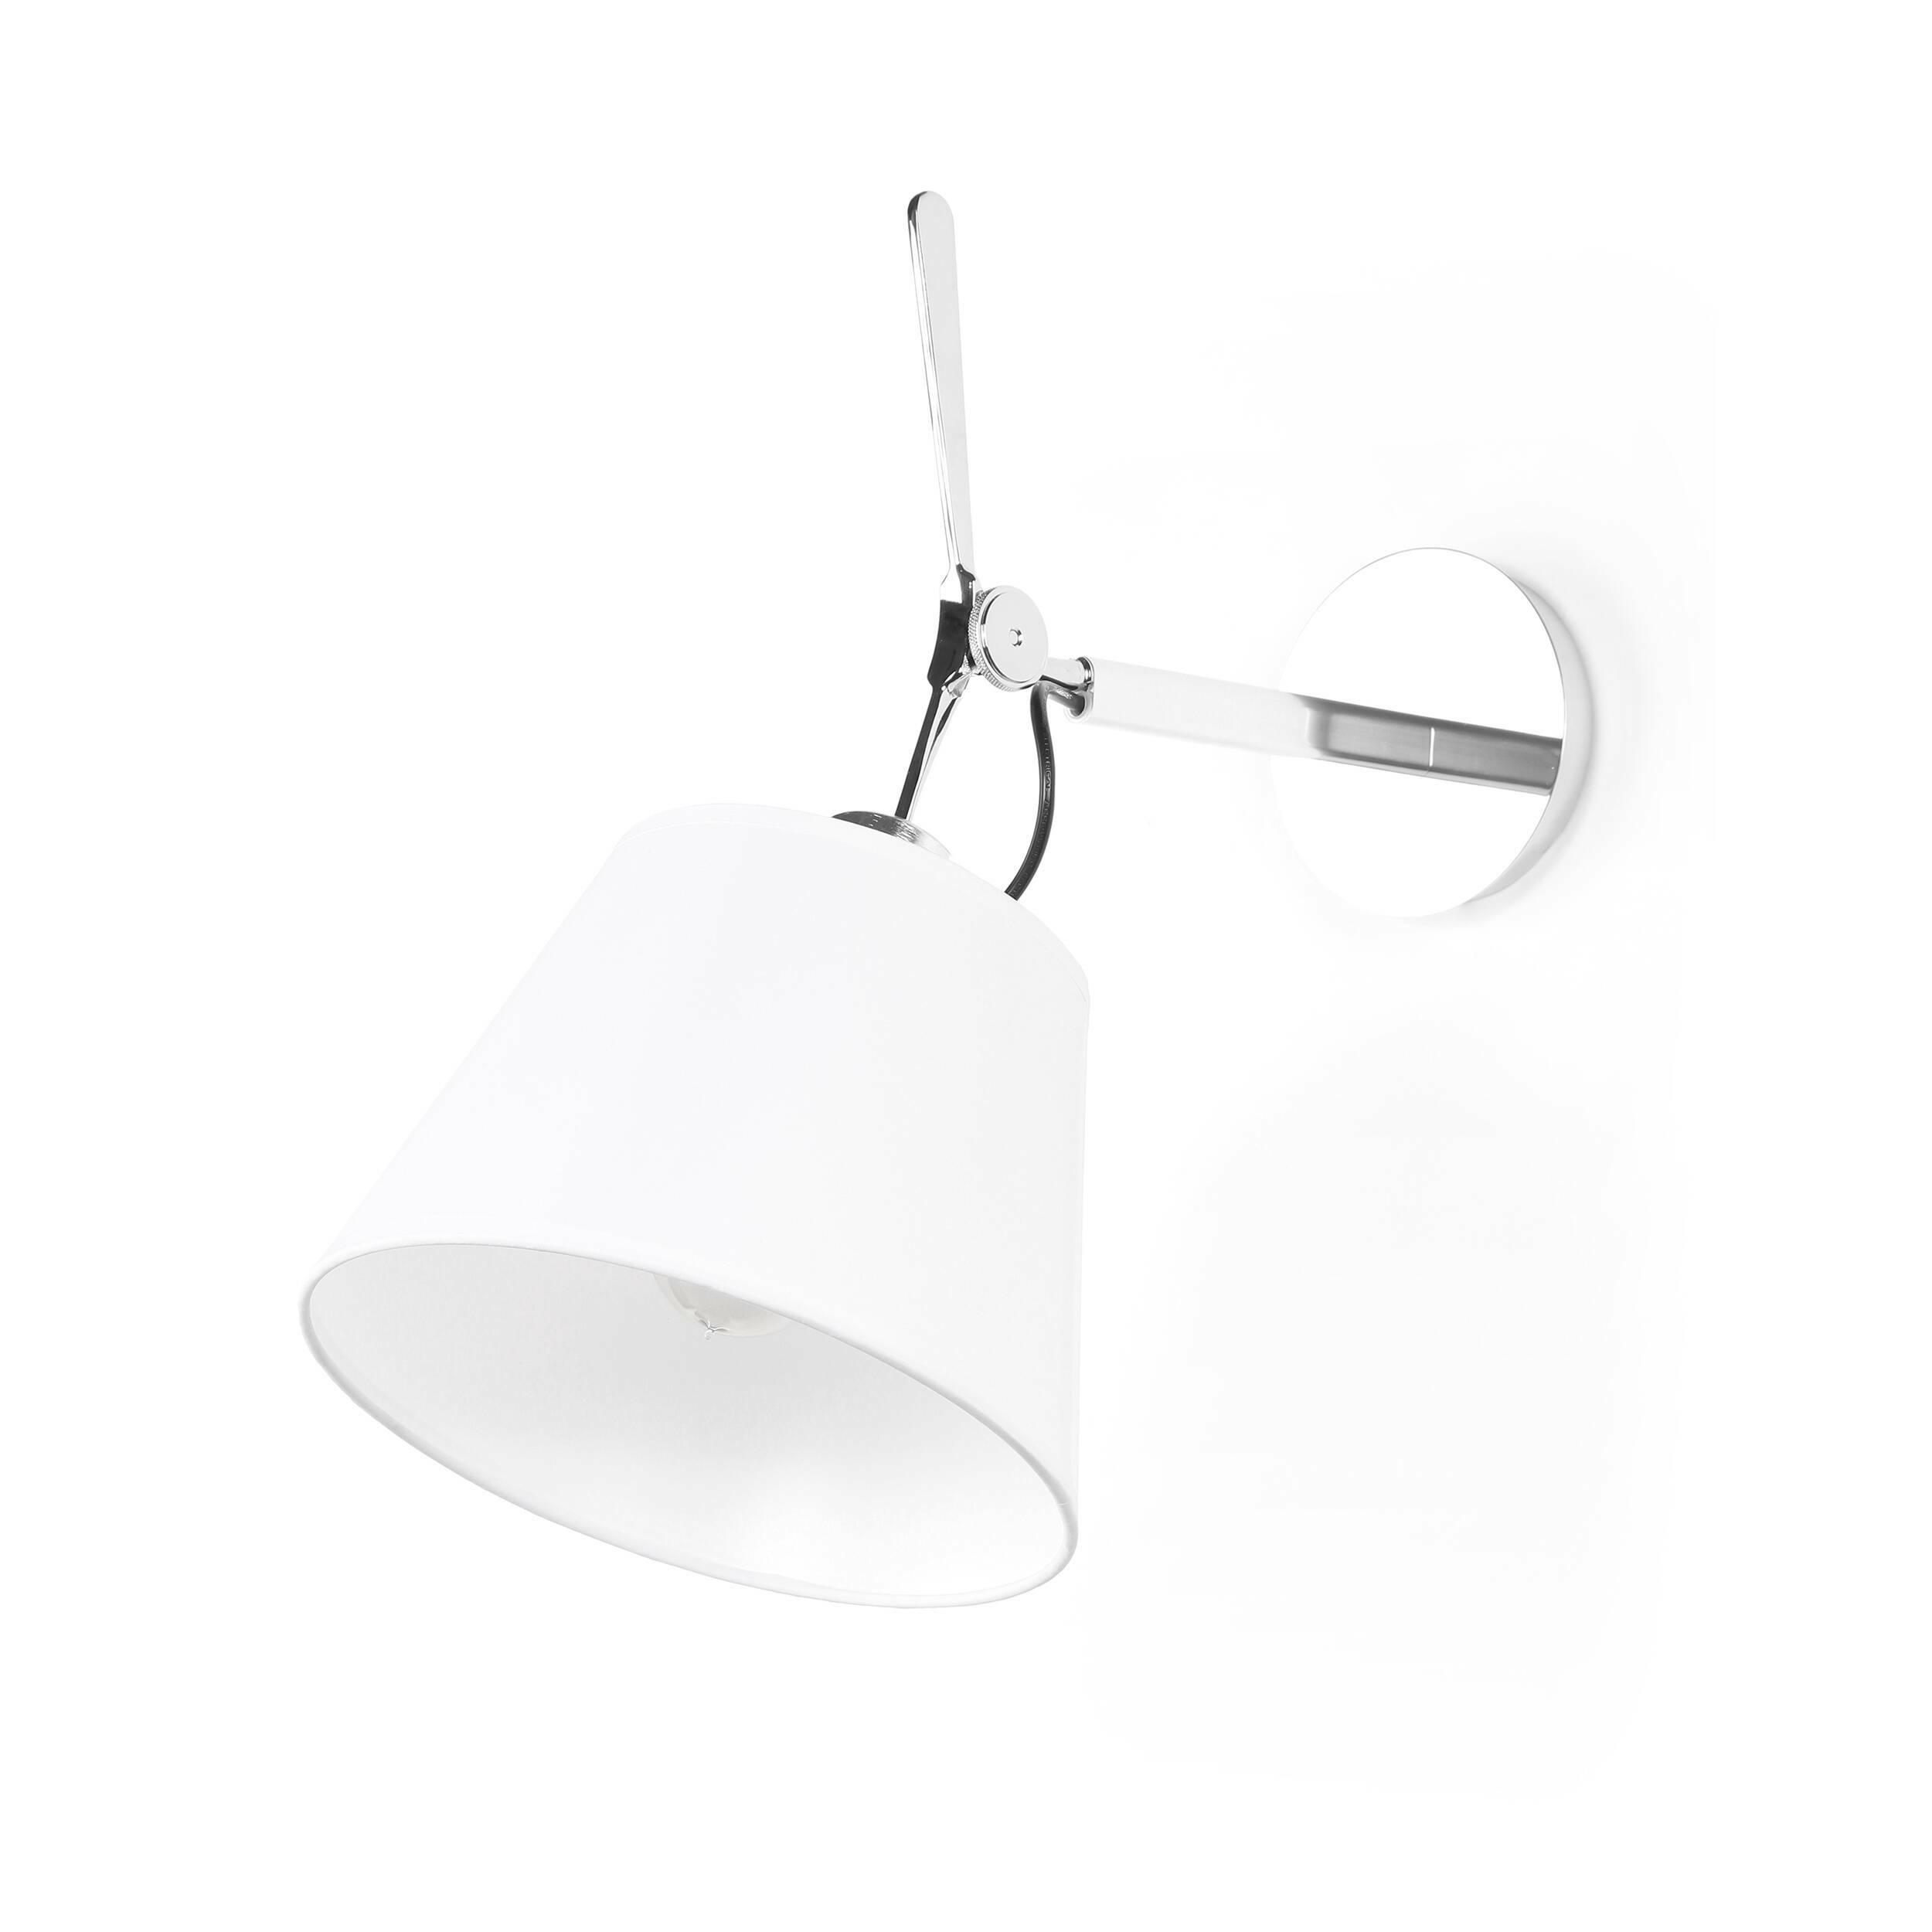 Настенный светильник Cosmo 15579531 от Cosmorelax